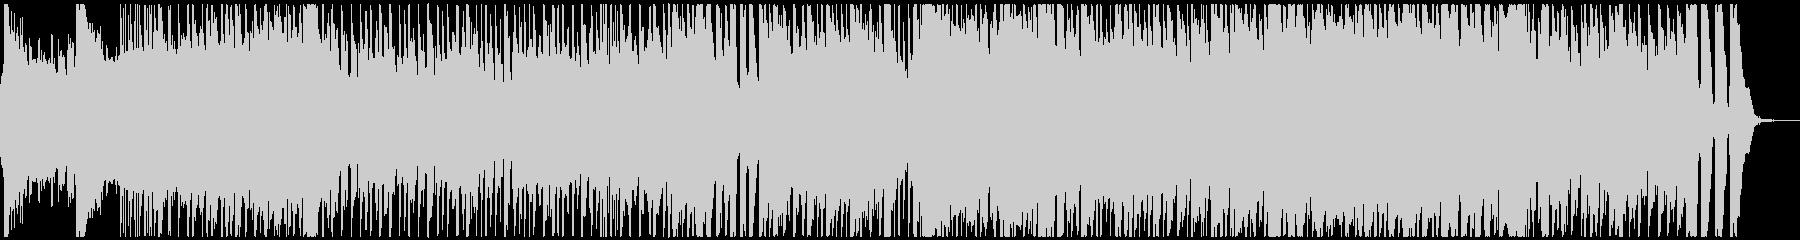 自然な雰囲気の明るいポップロック_ハーフの未再生の波形